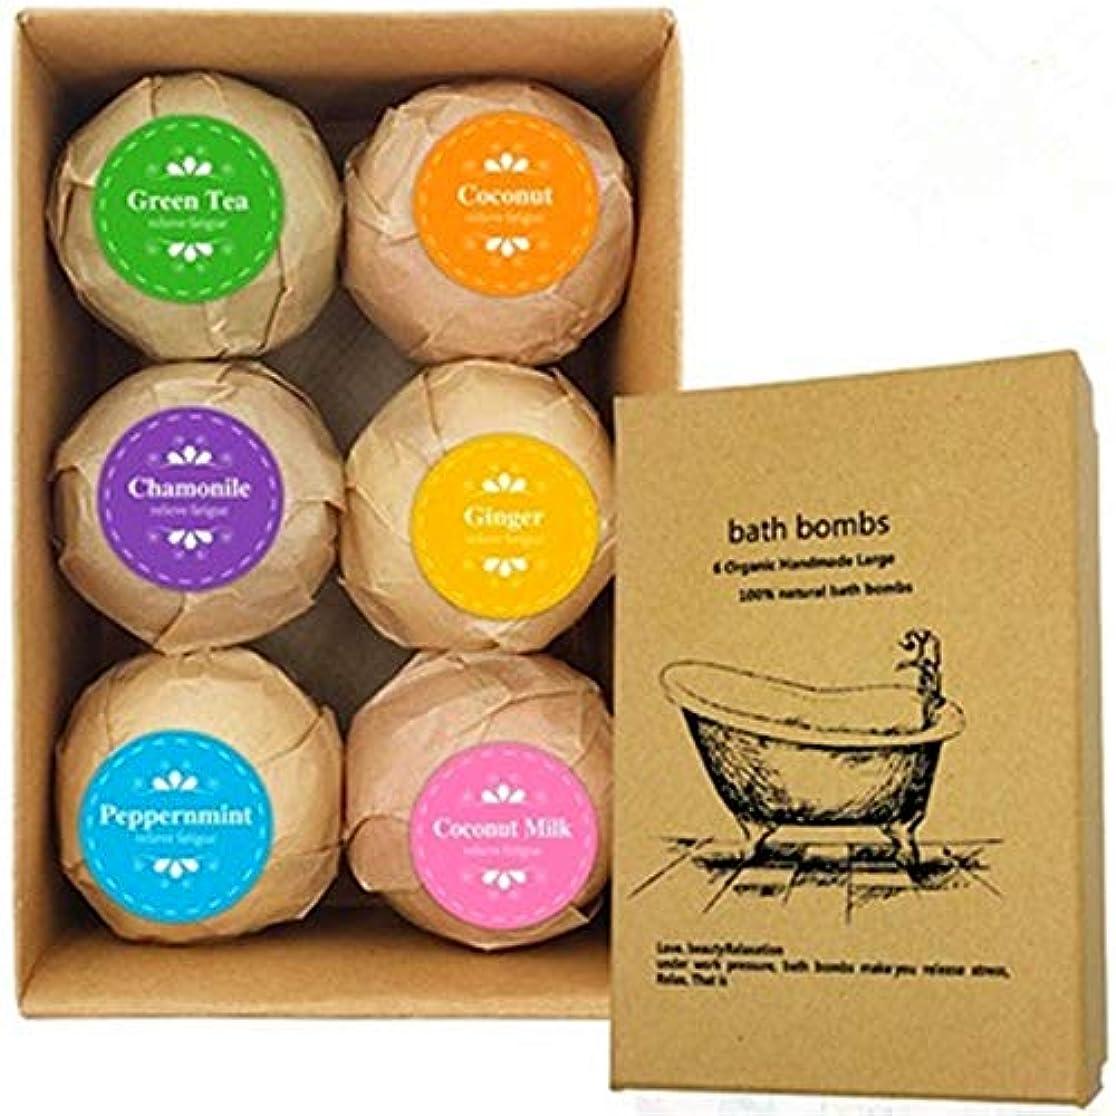 潮構成するバルクバスボム 入浴剤 炭酸 バスボール 6つの香り 手作り 入浴料 うるおいプラス お風呂用 入浴剤 ギフトセット6枚 プレゼント最適